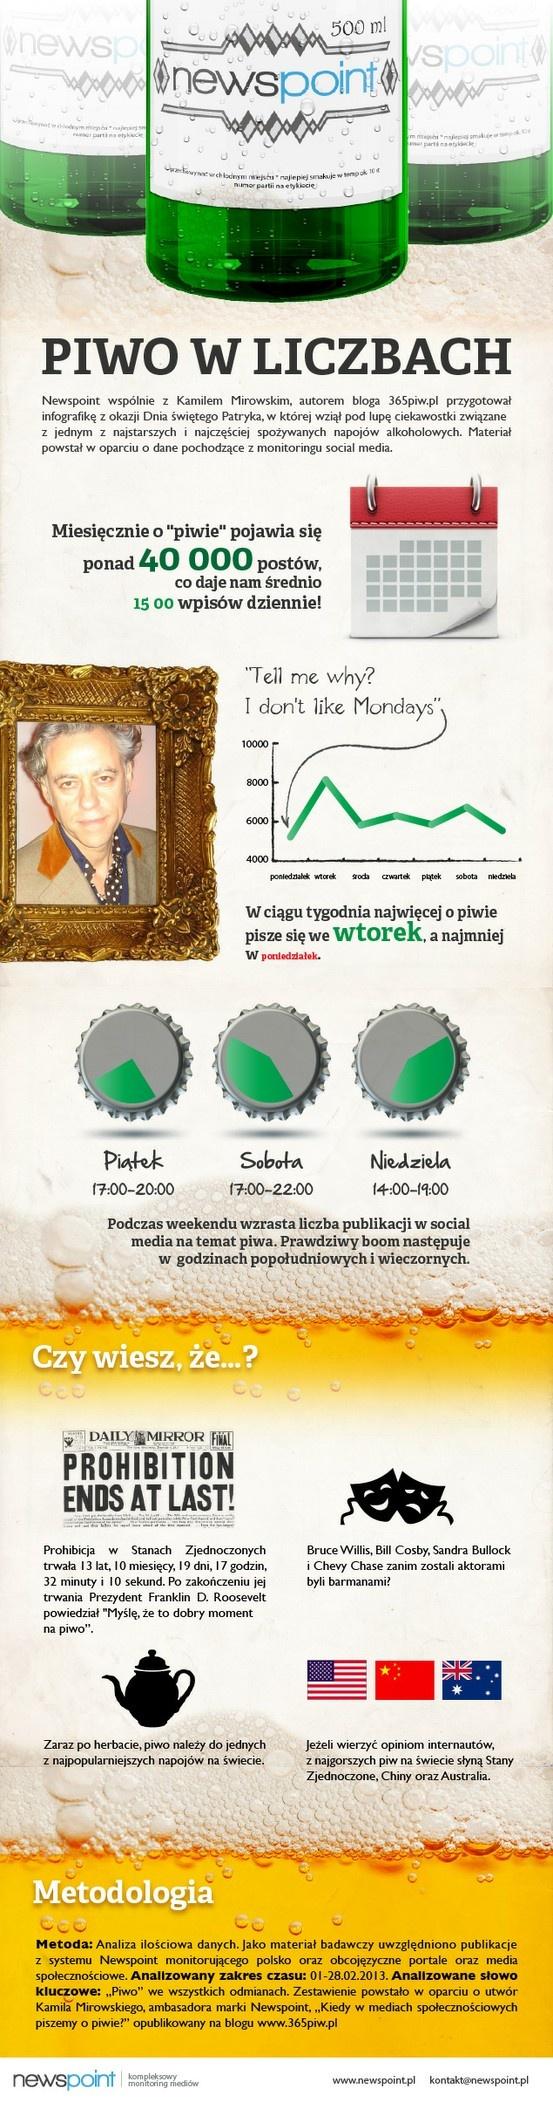 Piwo w social mediach. #Newspoint #365piw